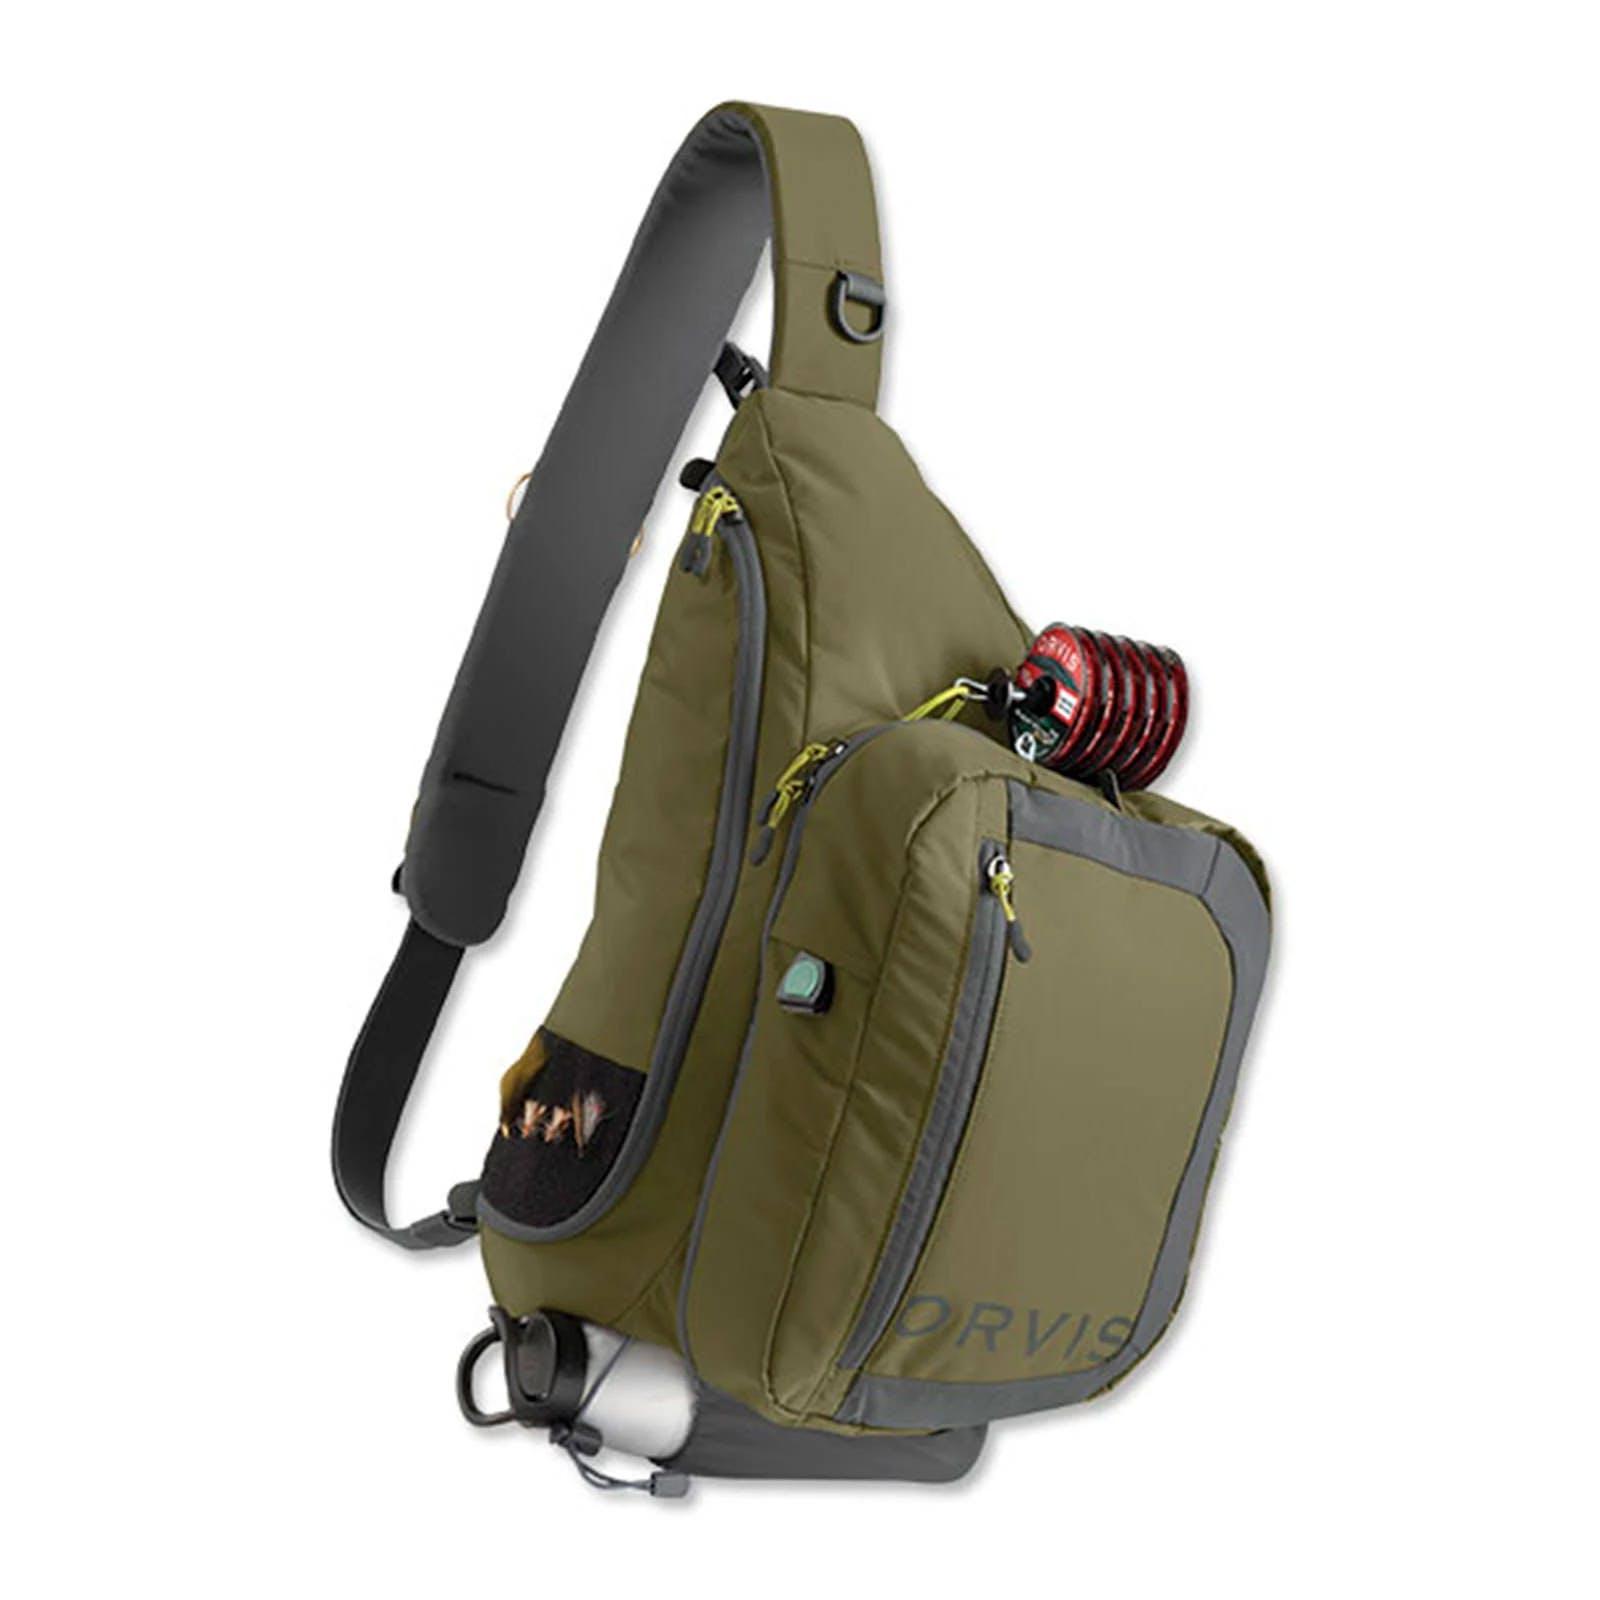 Orvis Safe Passage Guide Sling Pack - Olive